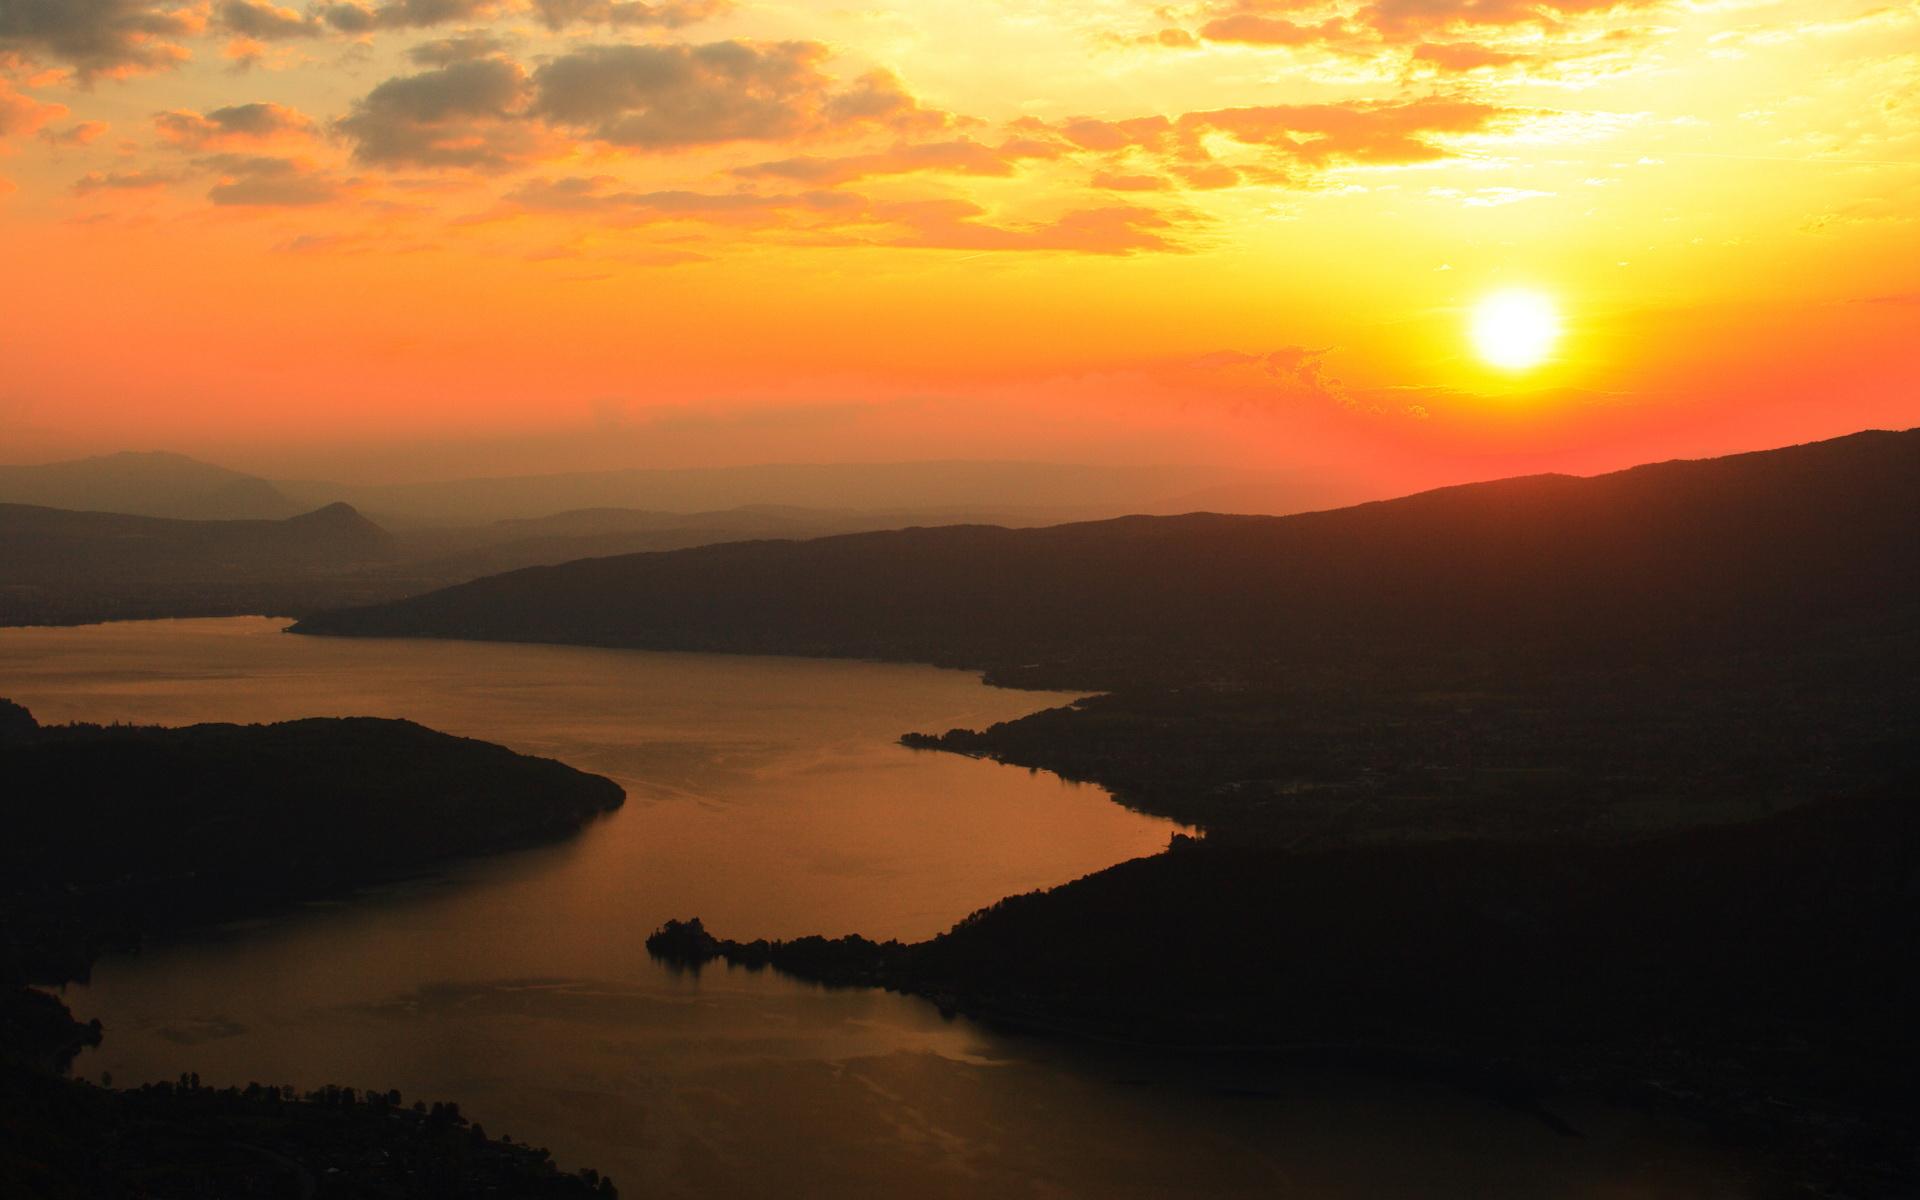 природа облака солнце река  № 2602890 бесплатно